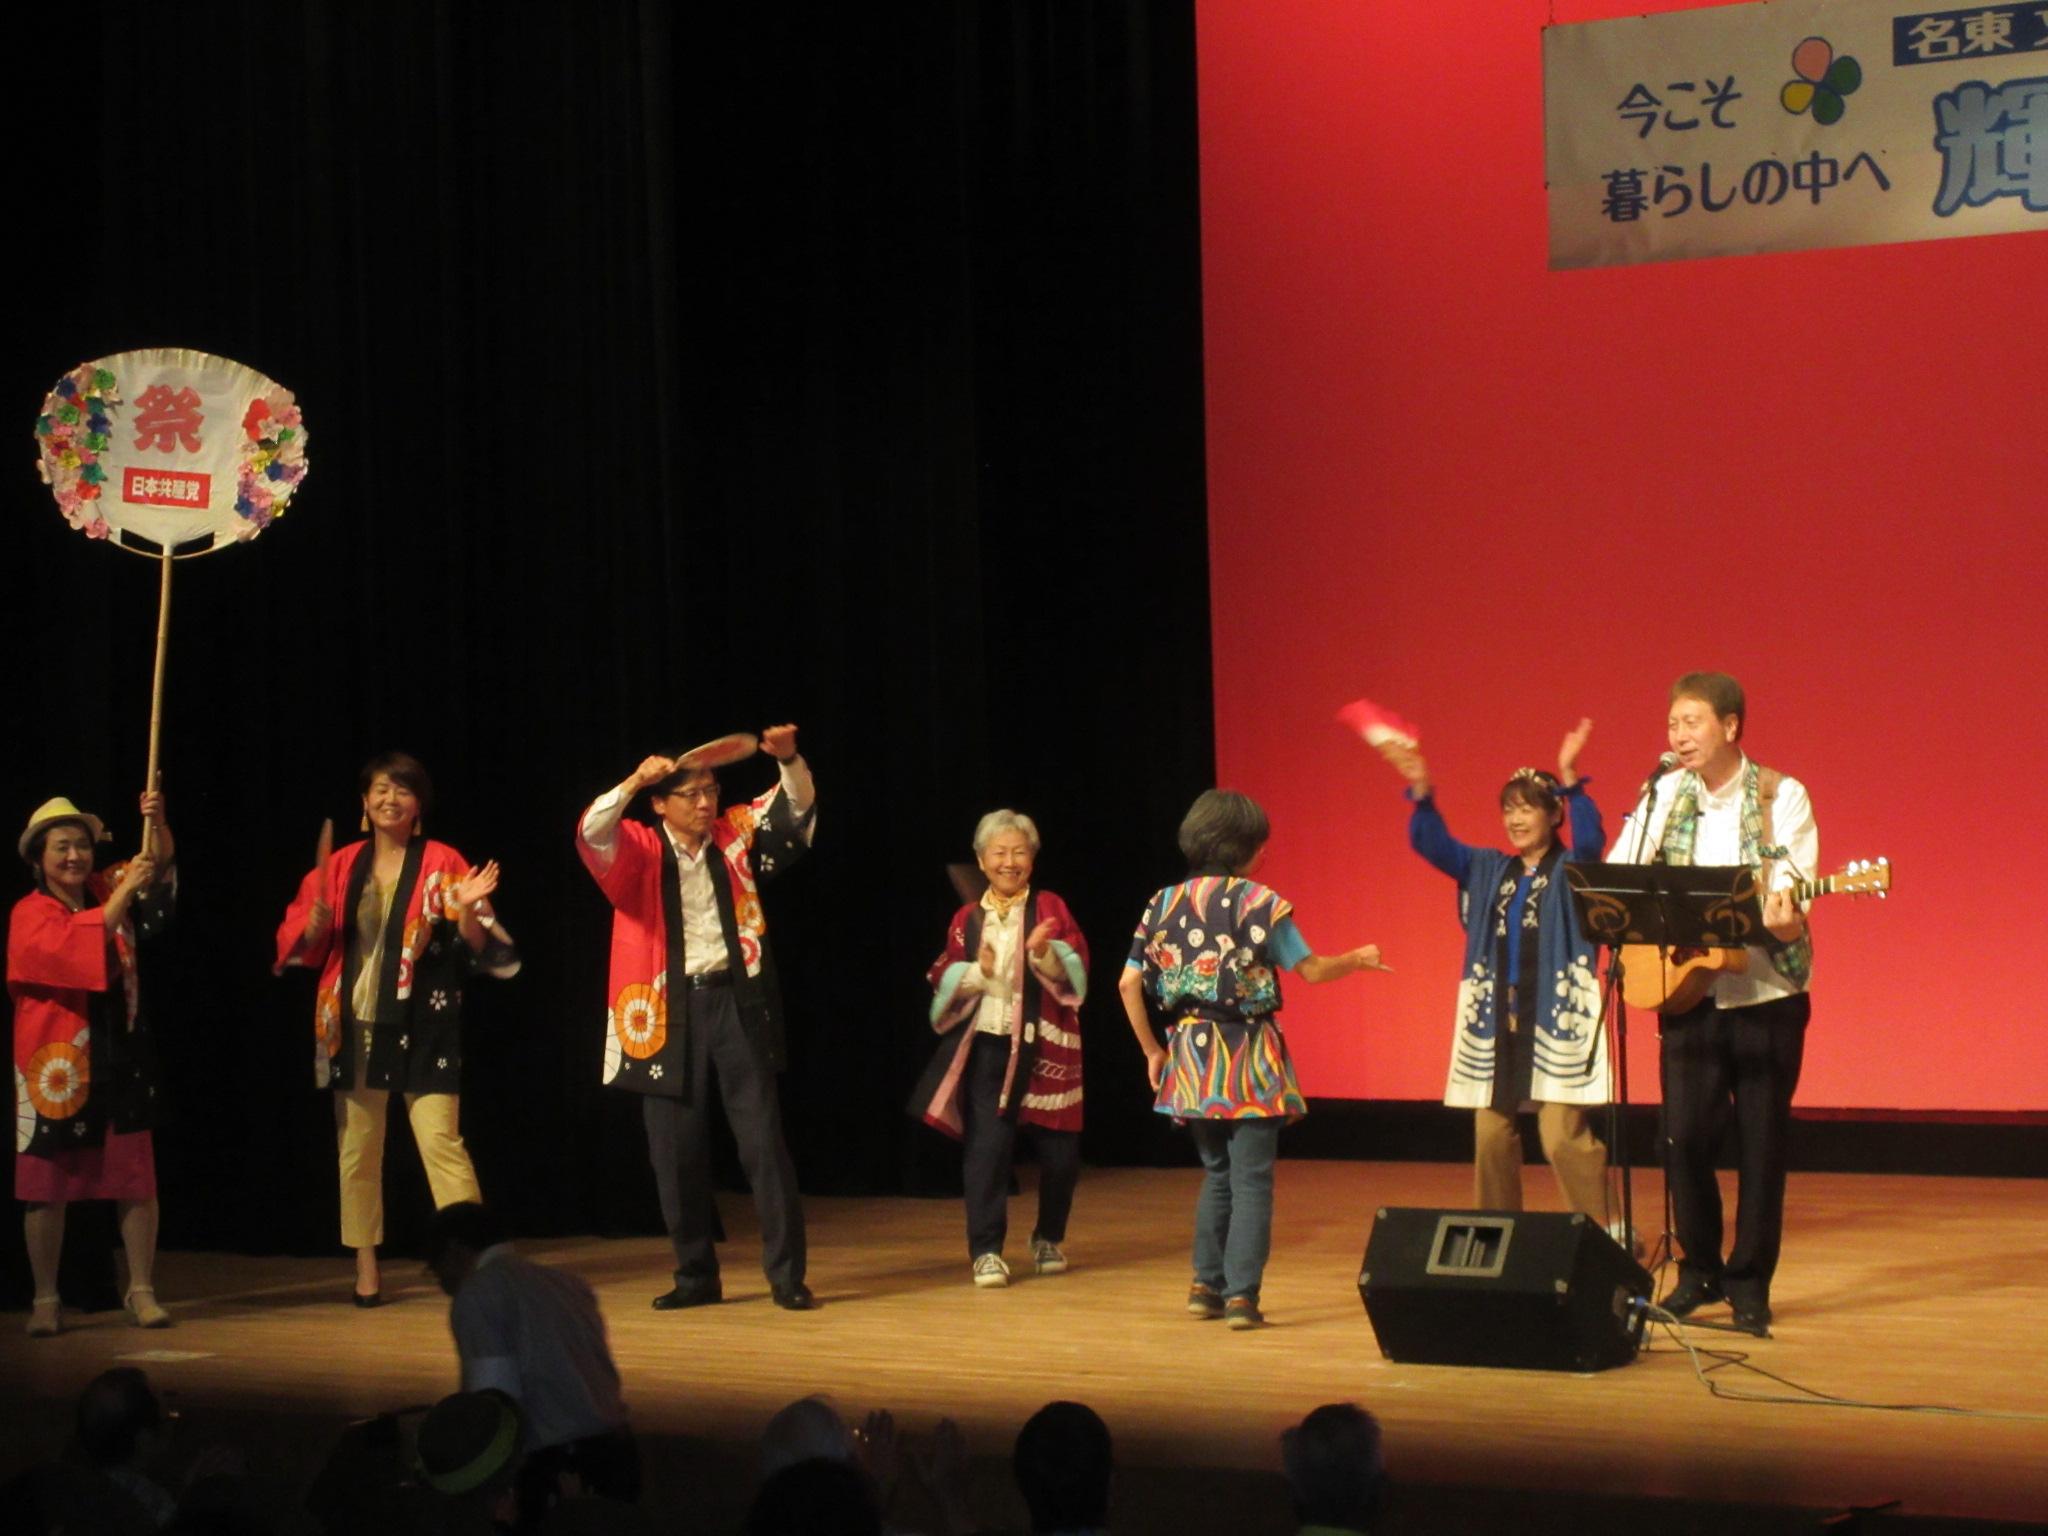 http://www.inoue-satoshi.com/diary/IMG_6047.JPG